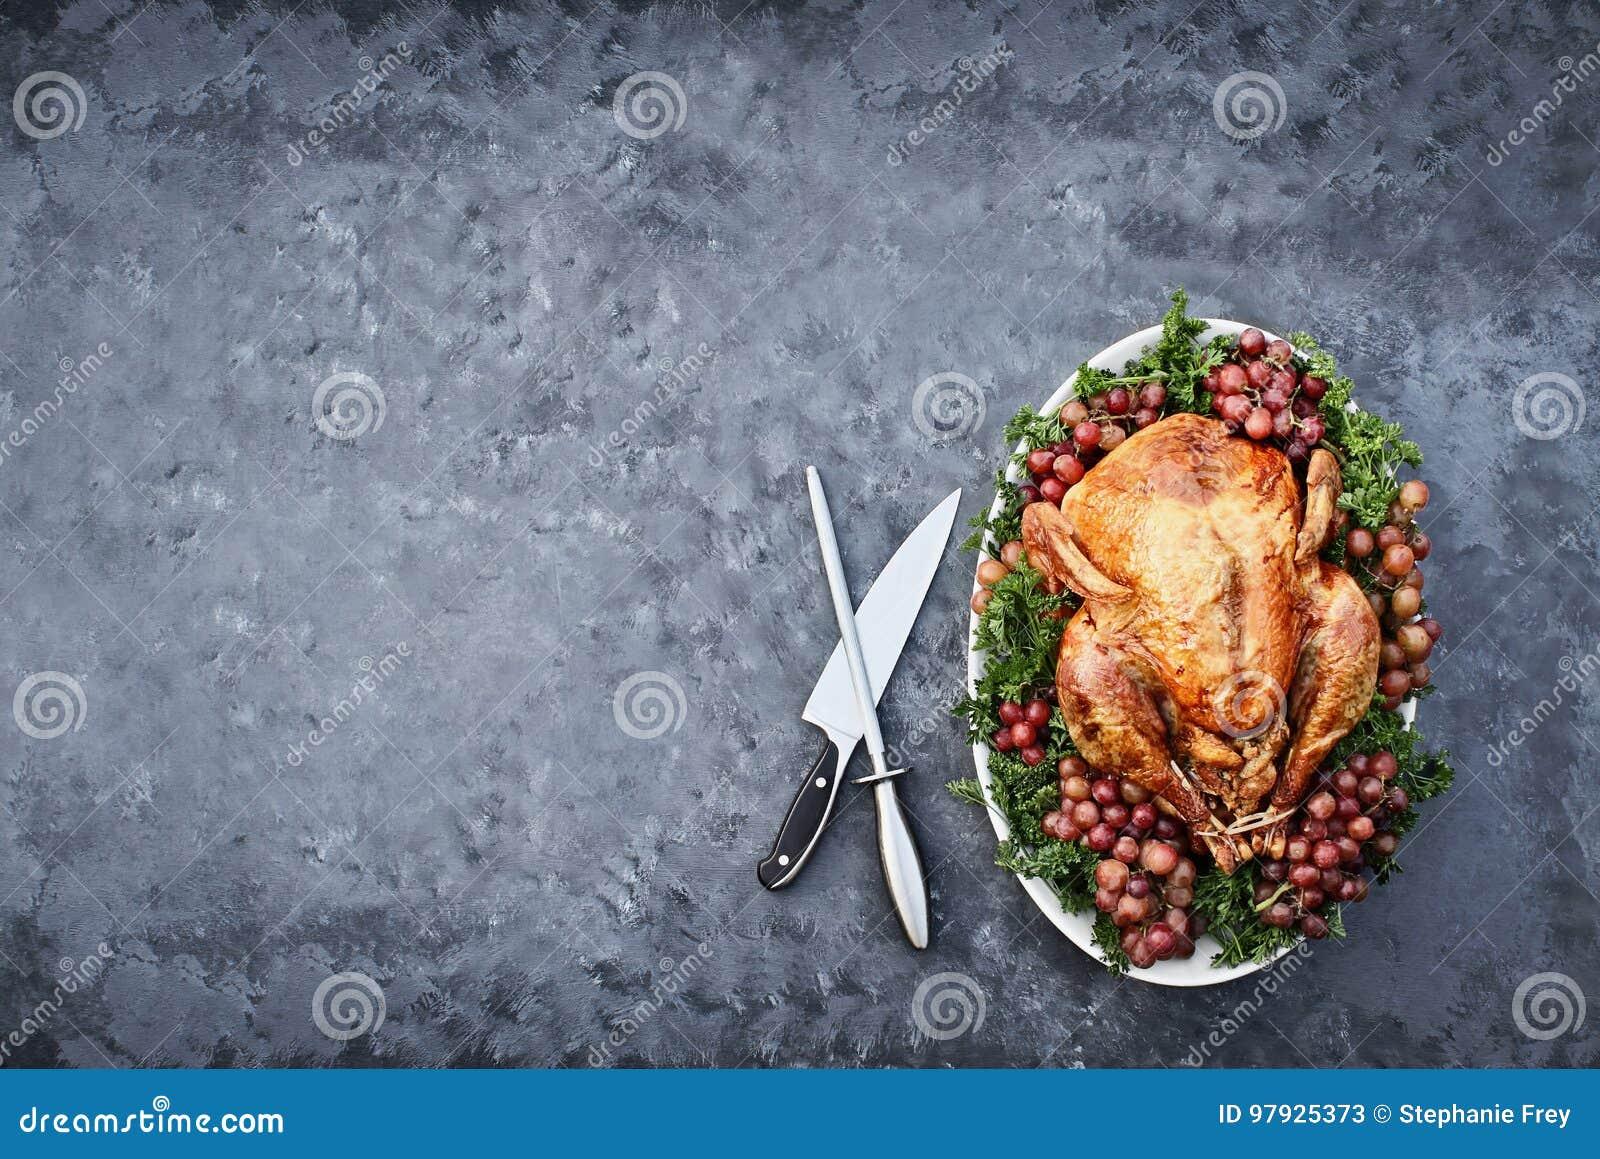 Fast utgiftskott av den läckra grillade tacksägelsen Turkiet med Knif